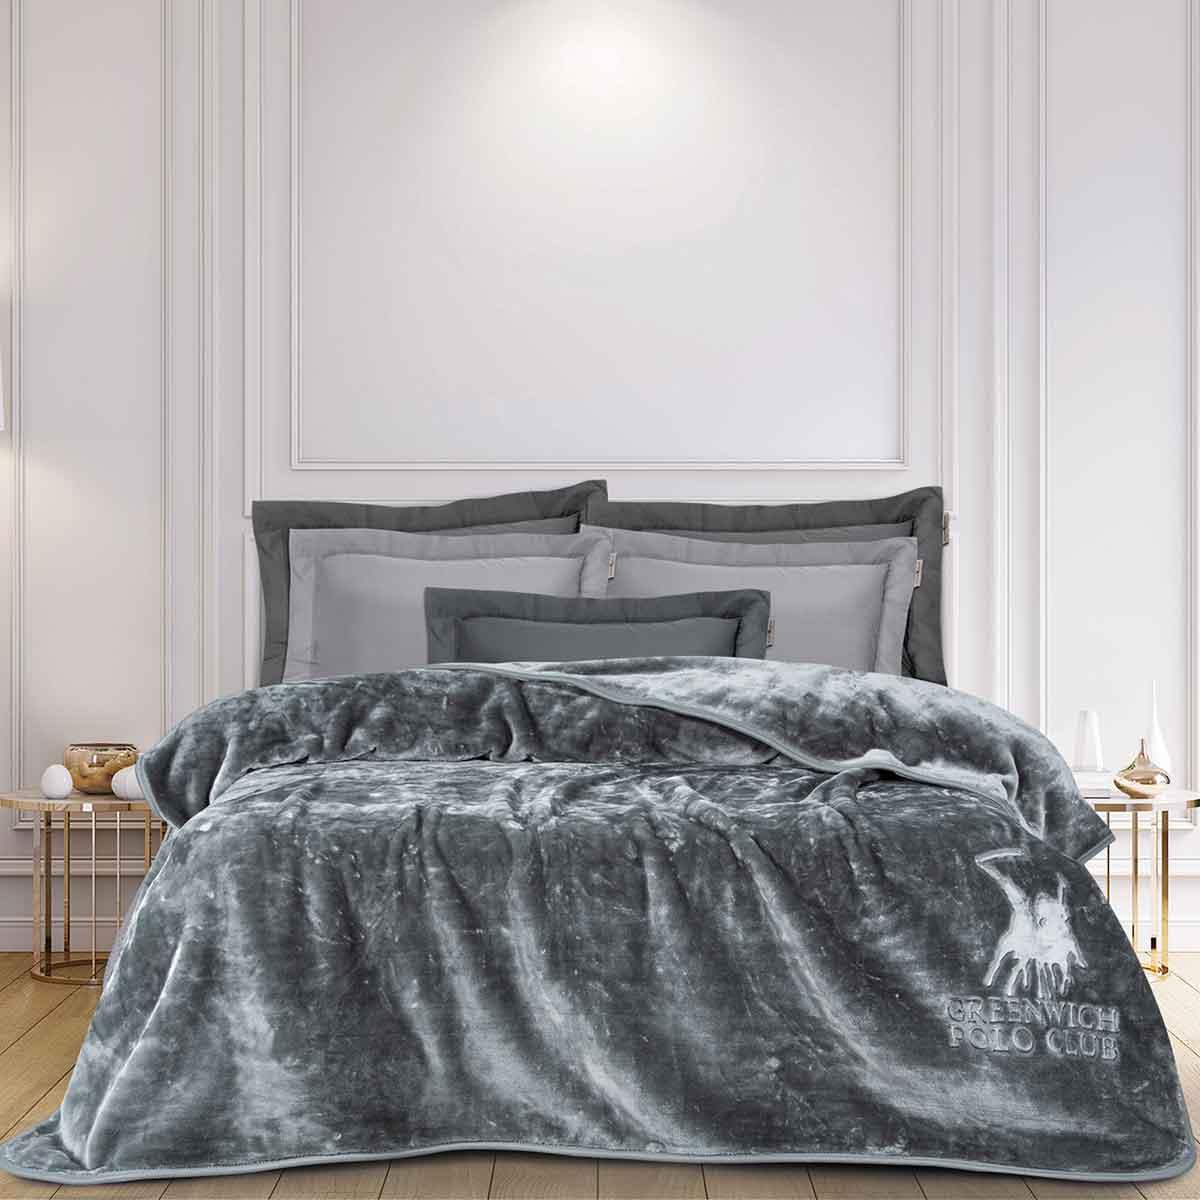 Κουβέρτα Βελουτέ Μονή Greenwich Polo Club 2475 Dark Grey